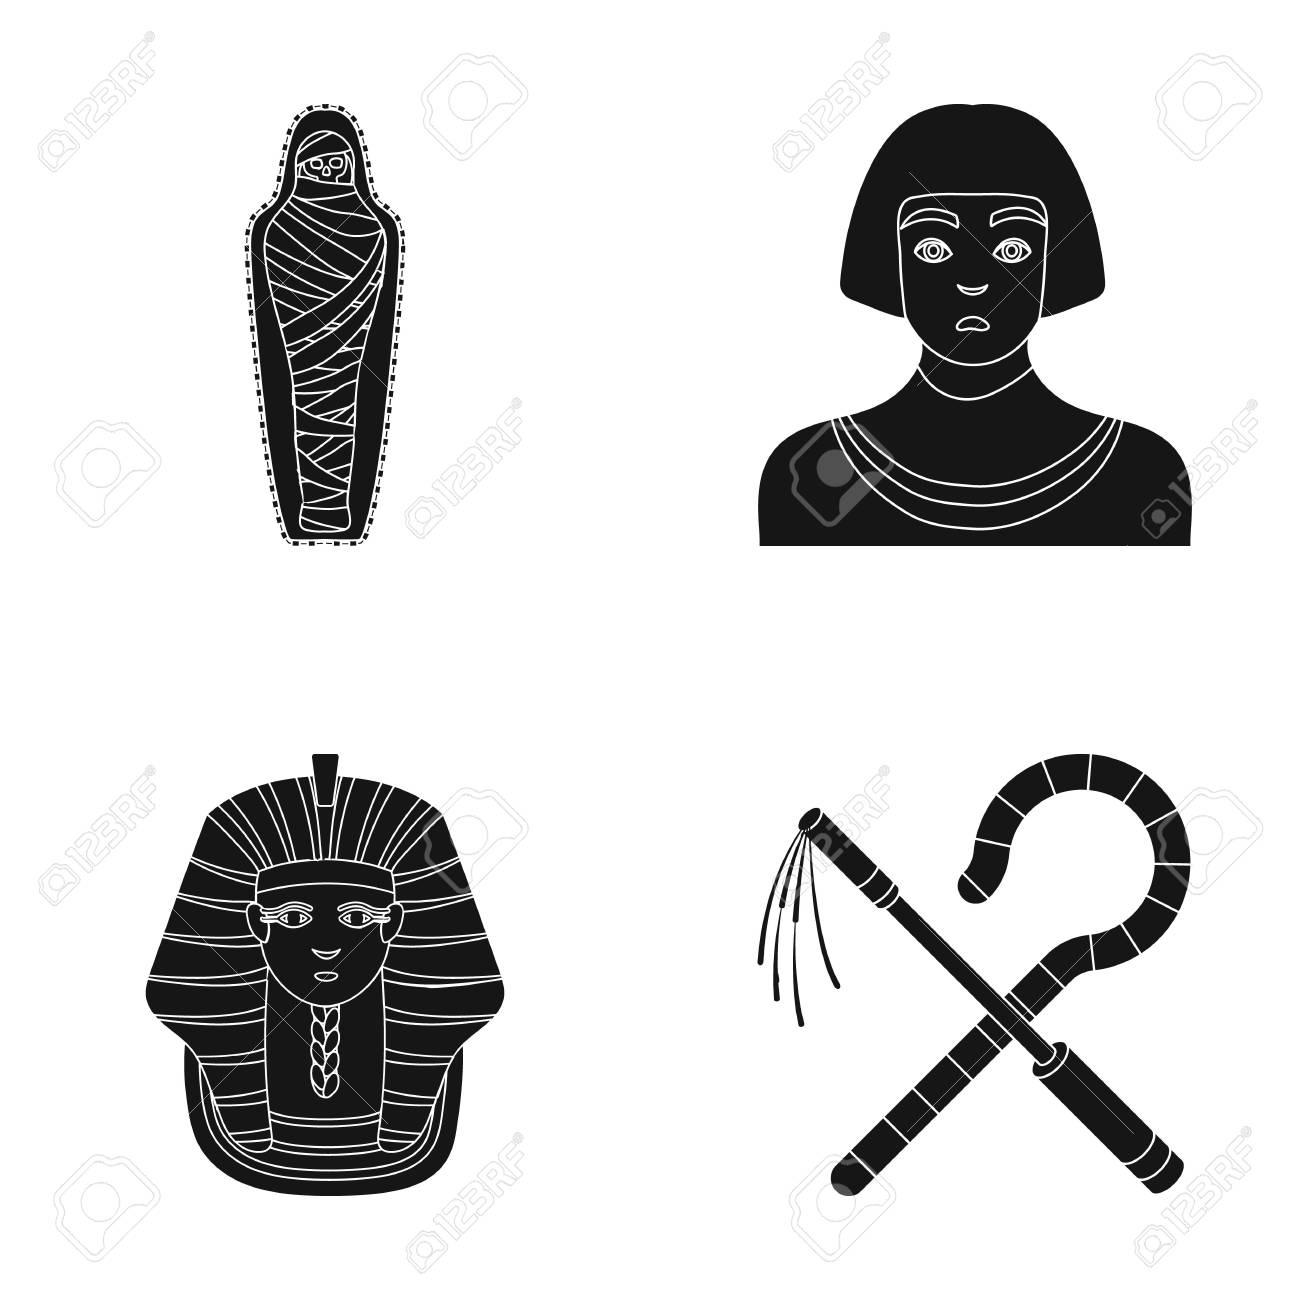 詐欺師し動揺ゴールデン マスクエジプト墓でミイラ古代